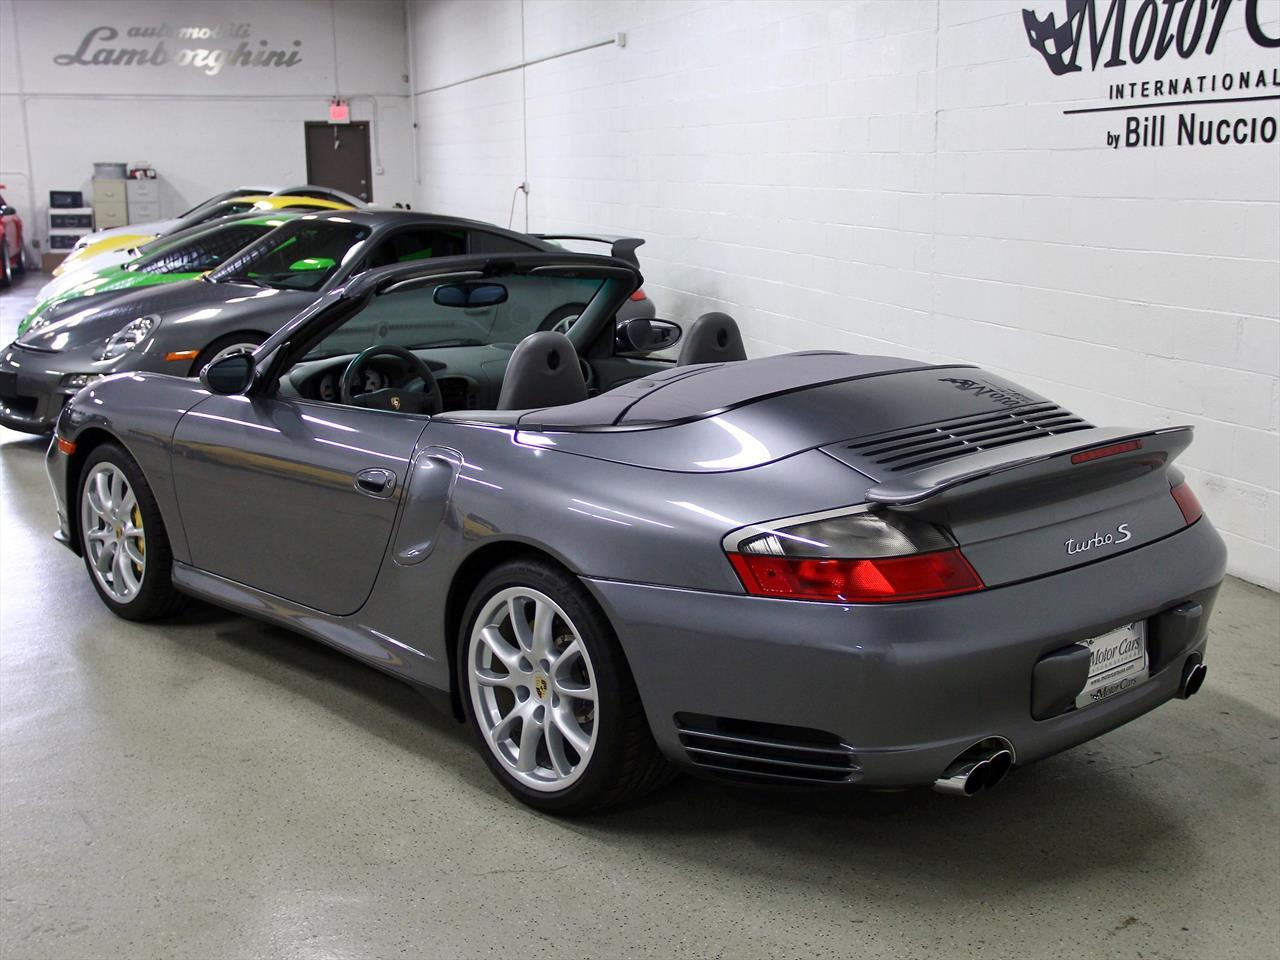 2005 porsche 911 turbo s cabriolet. Black Bedroom Furniture Sets. Home Design Ideas